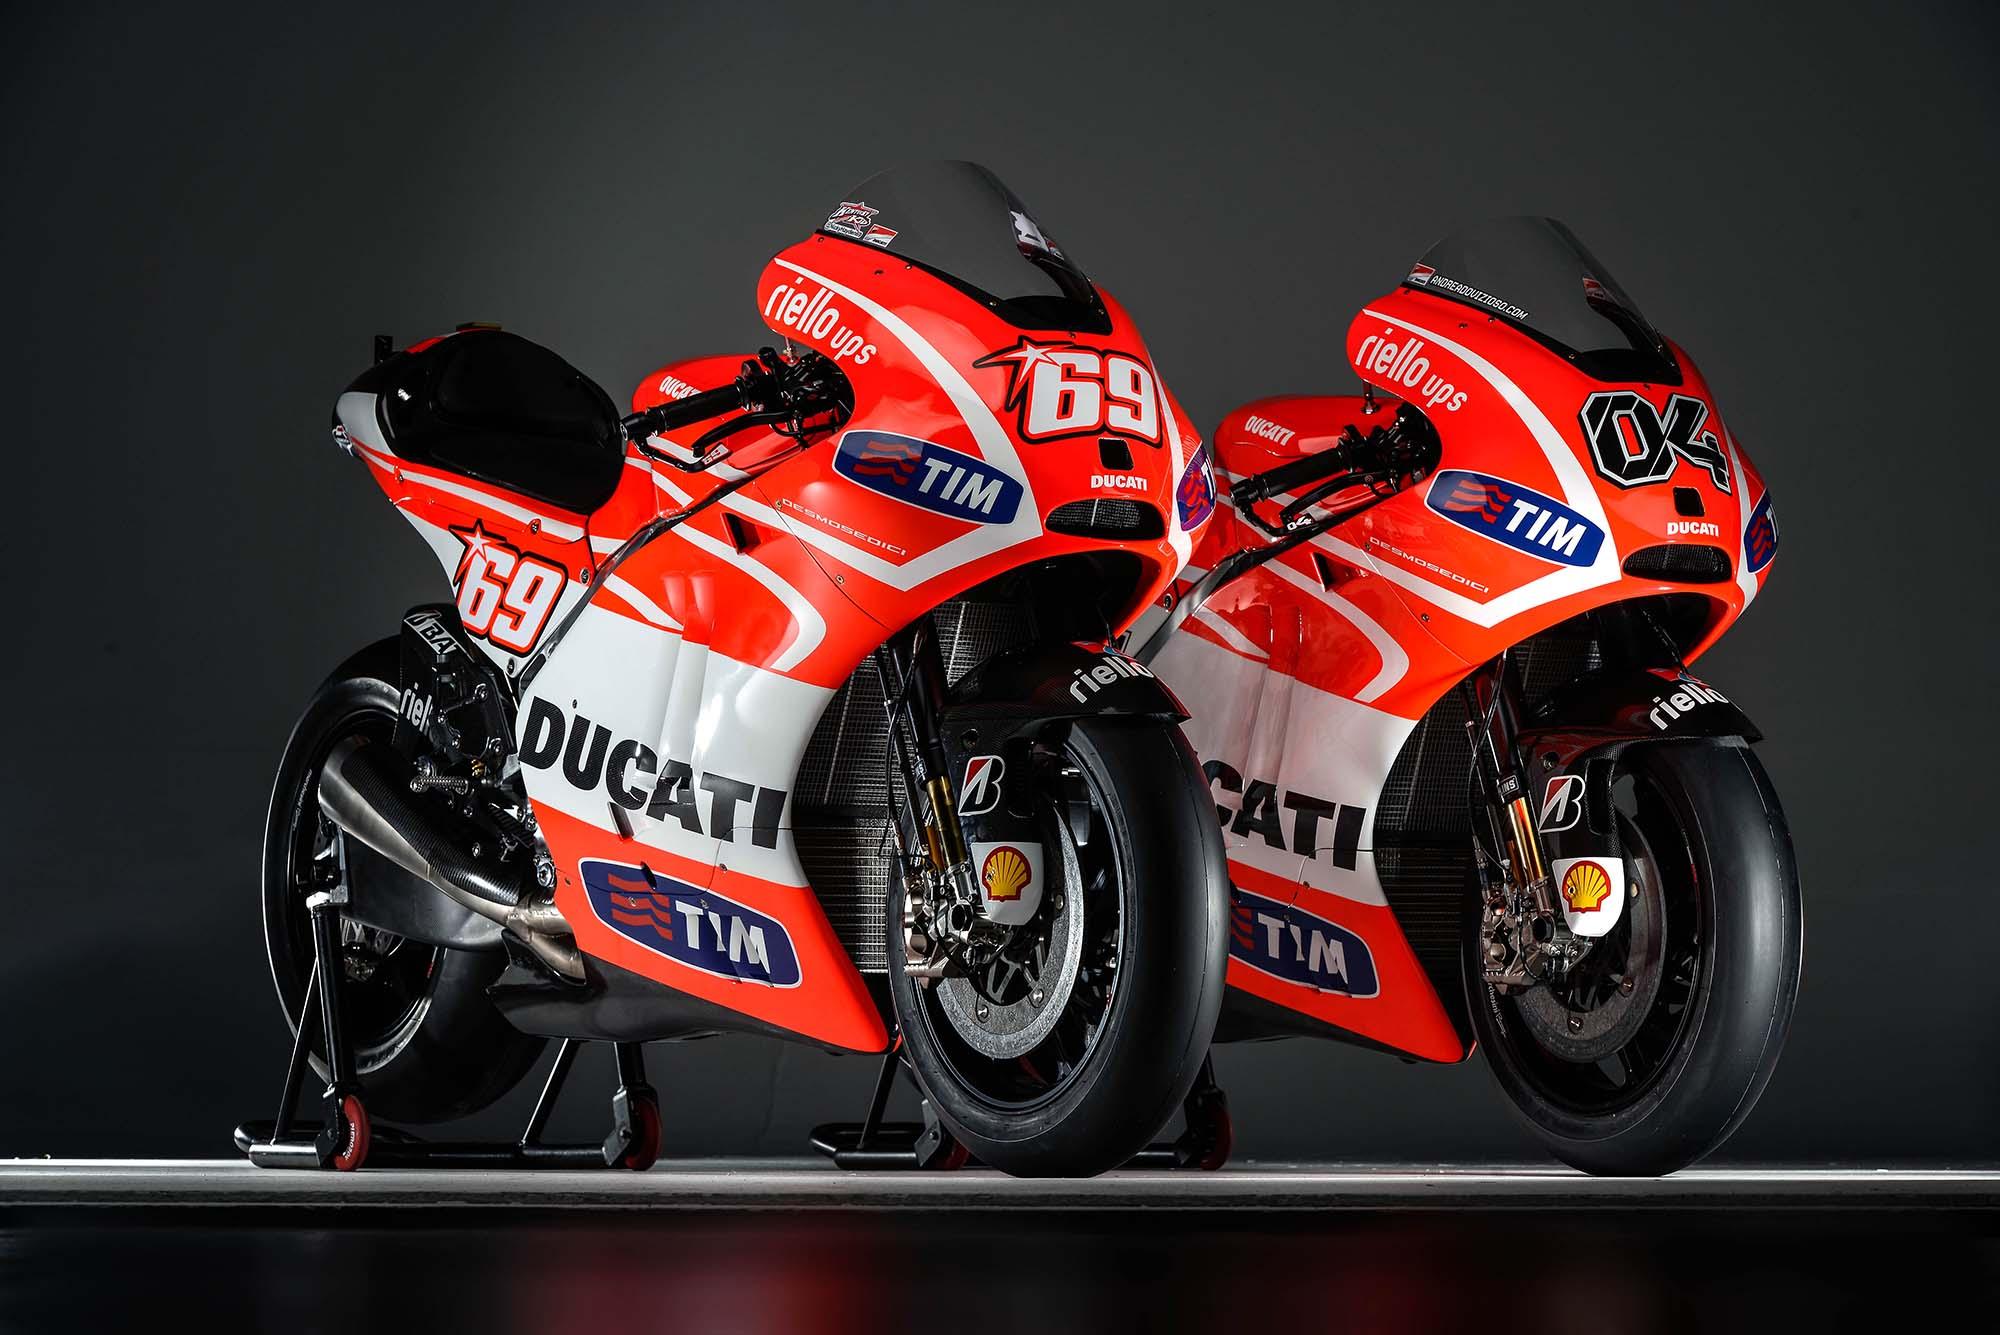 Motor terbaru nicky hayden dan andrea davizioso untuk MotoGP 2013